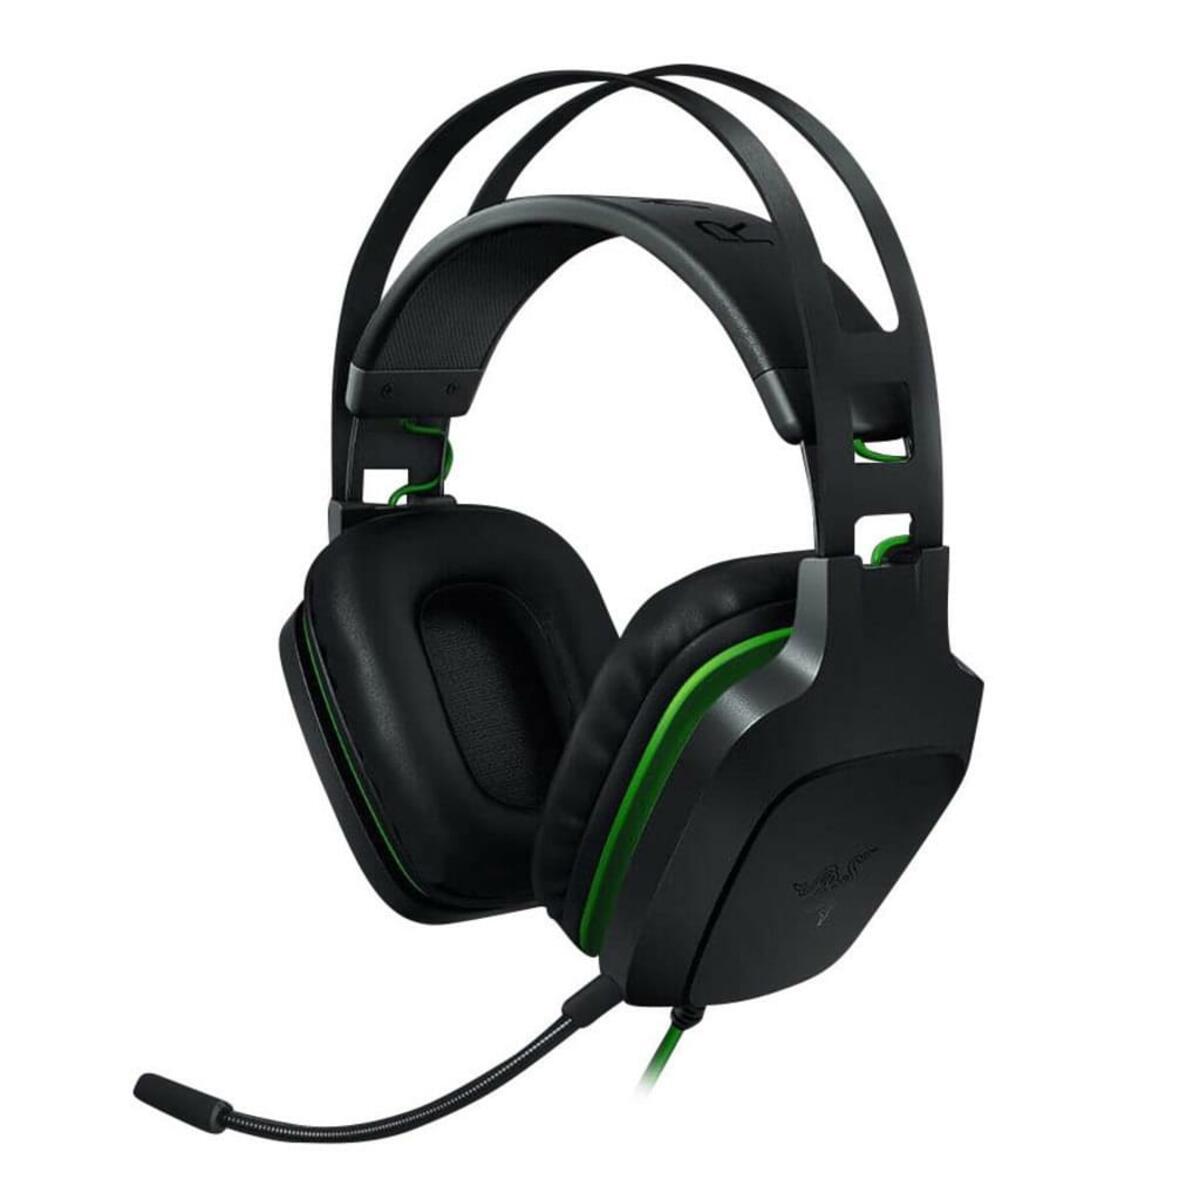 Bild 3 von Razer Electra V2 Gaming Headset für PC und XBOX